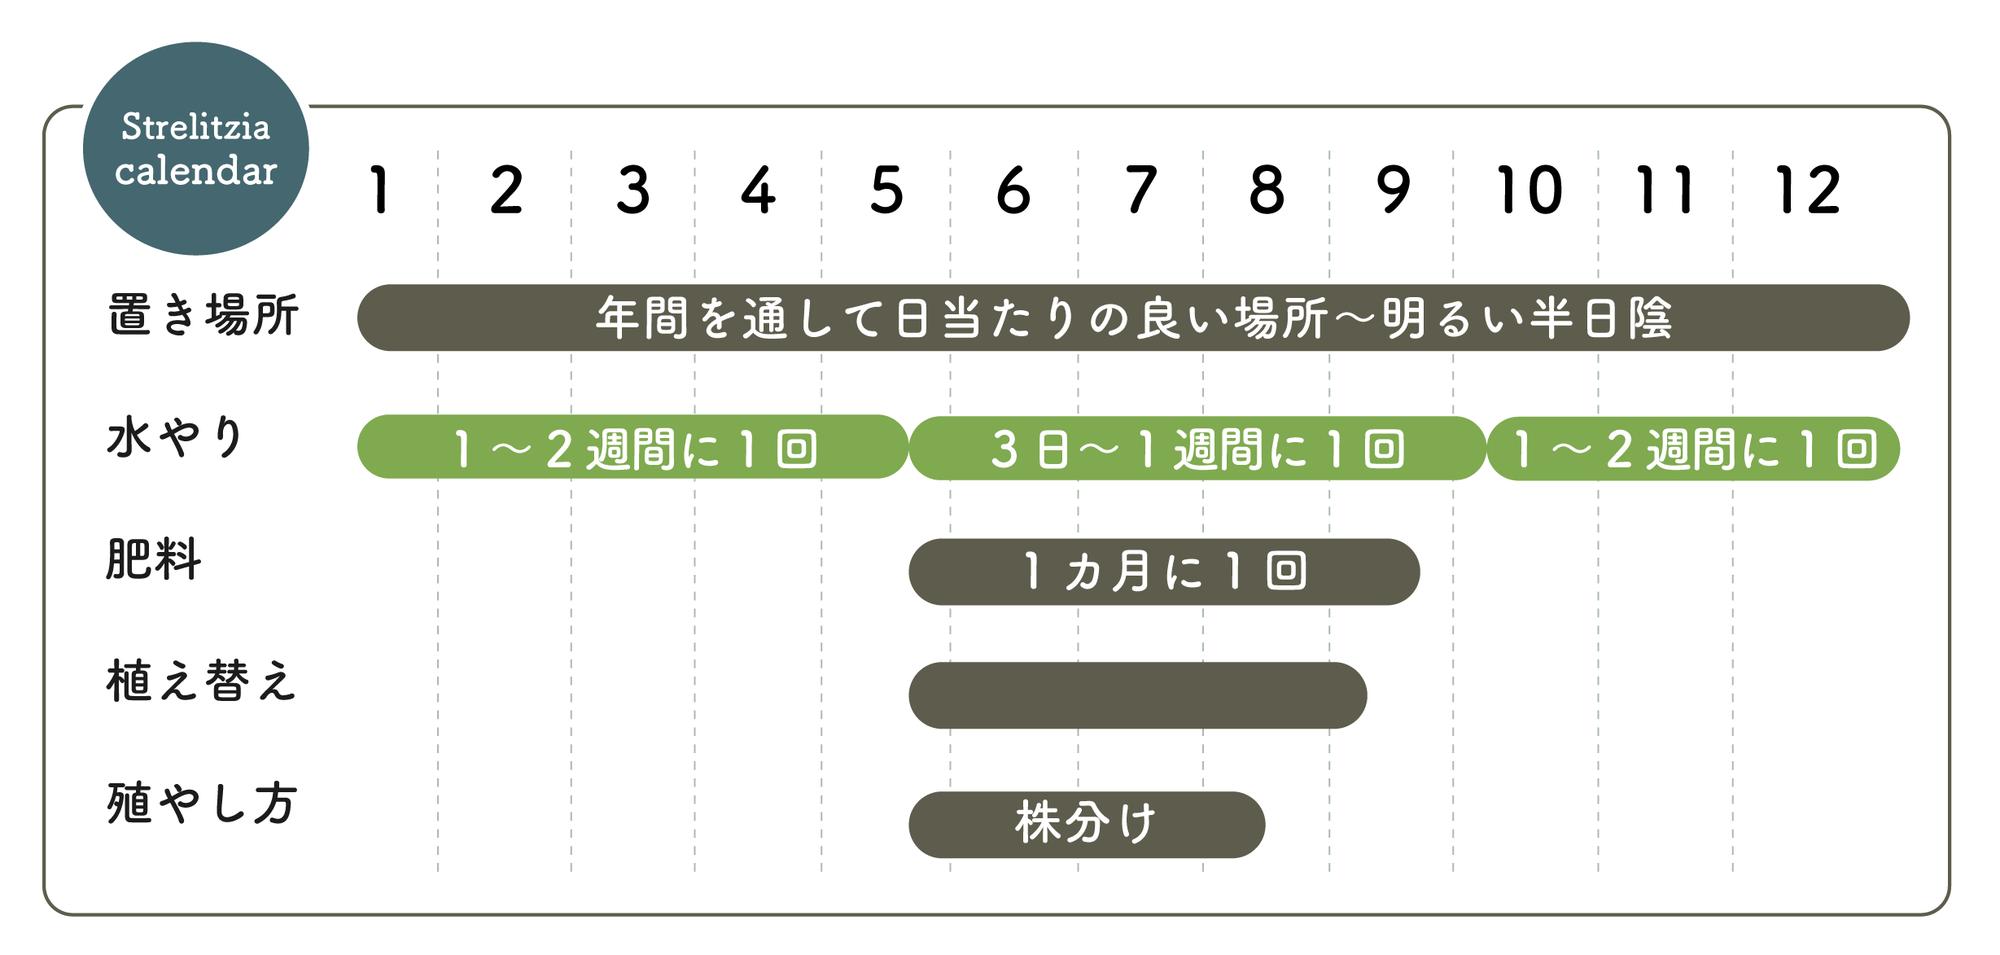 ストレリチアの栽培カレンダー